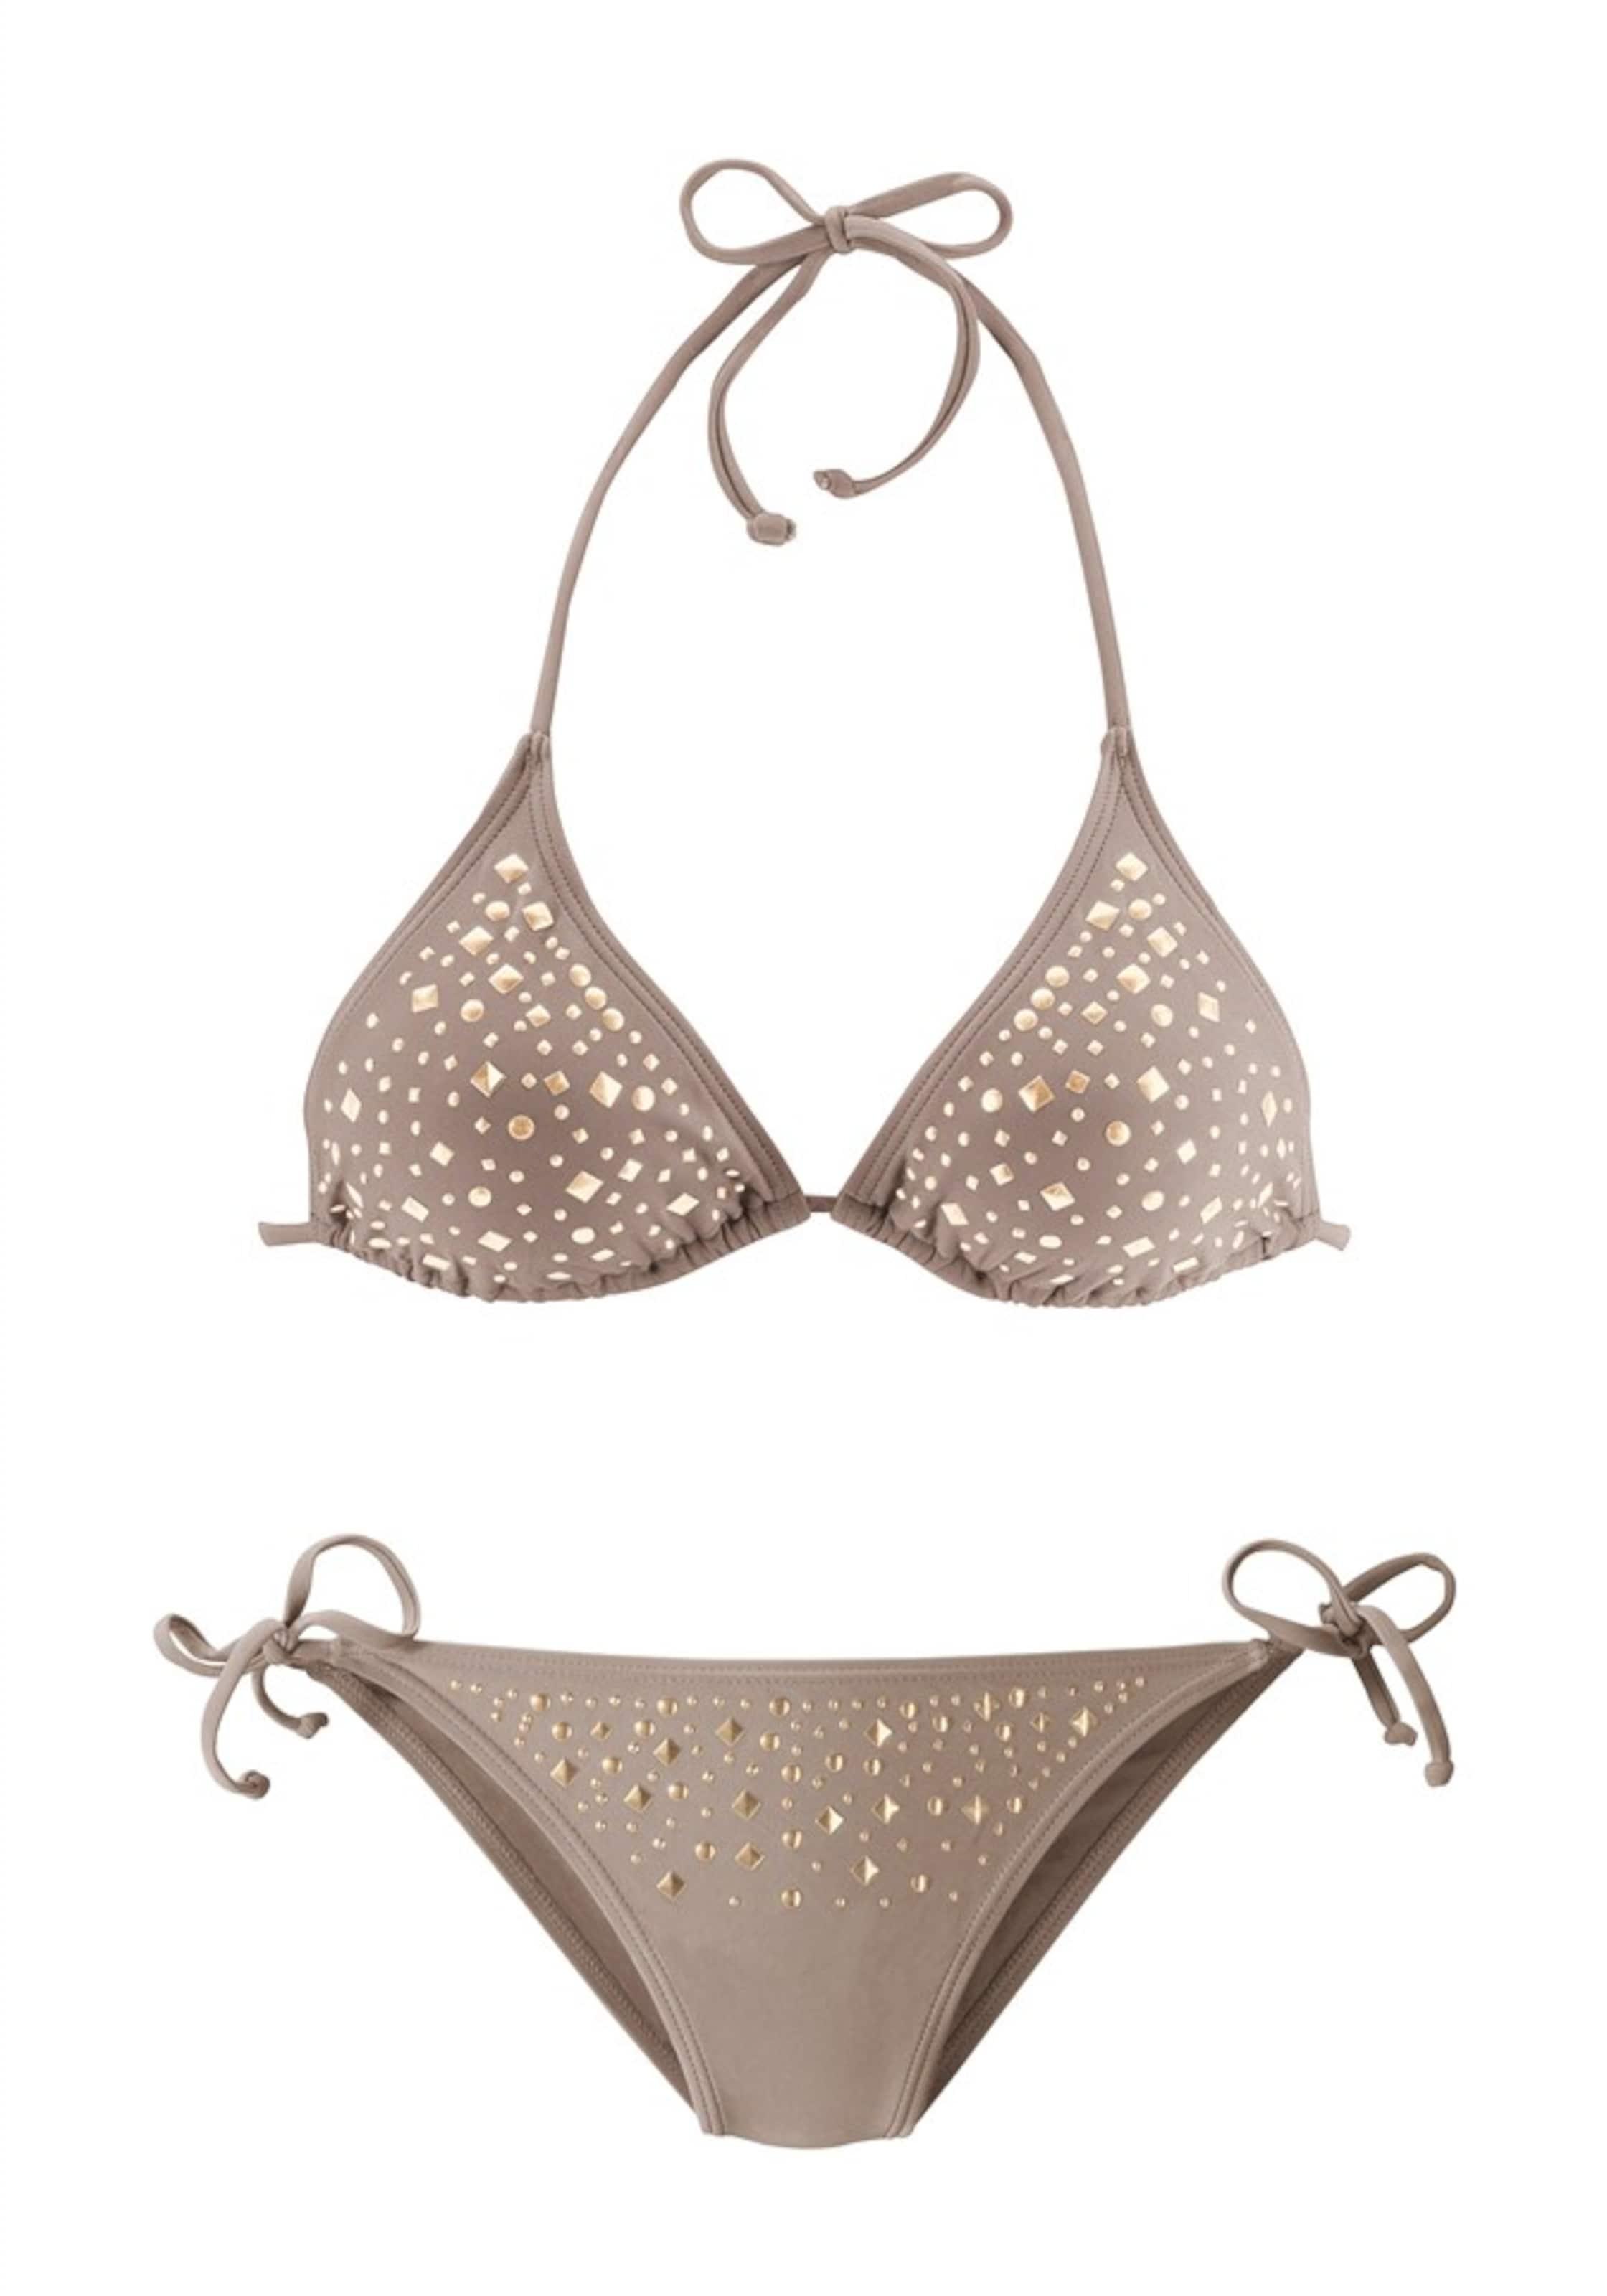 Dunkelbeige Jette Triangel bikini Jette In Yf7yvbI6gm